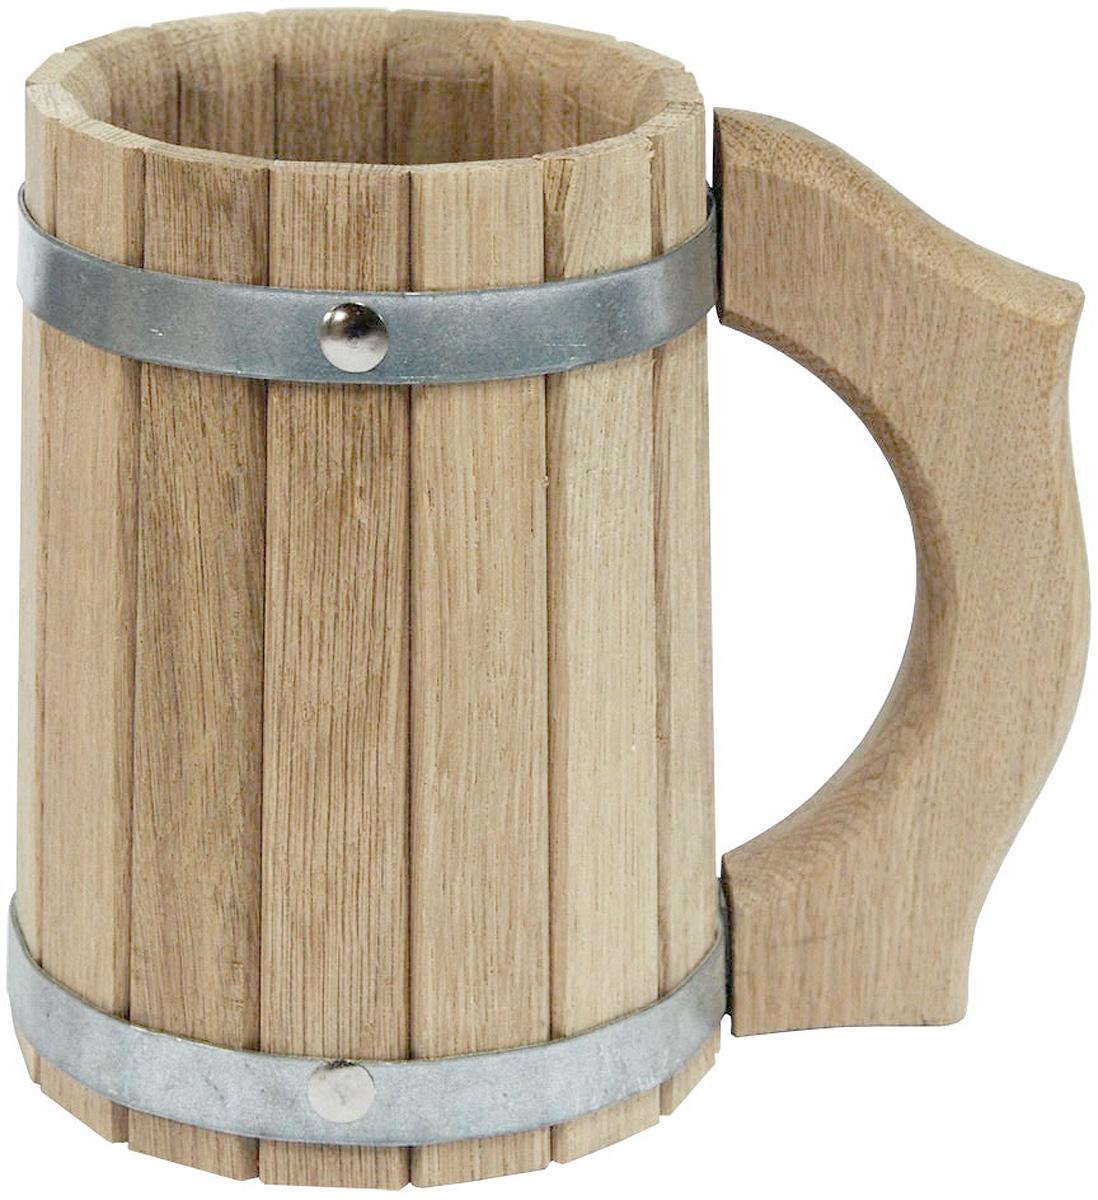 Кружка для бани и сауны Proffi Sauna, 1 лPS0049Кружка Proffi Sauna выполнена из натурального дуба с двумя металлическими обручами и резной ручкой. Она просто незаменима для подачи напитков, приготовления отваров из трав и ароматических масел, также подходит для декора или в качестве сувенира. Эксплуатация бондарных изделий. Перед первым использованием бондарное изделие рекомендуется подготовить. Для этого нужно наполнить изделие холодной водой и оставить наполненным на 2-3 часа. Затем необходимо воду слить, обдать изделие сначала горячей, потом холодной водой. Не рекомендуется оставлять бондарные изделия около нагревательных приборов, а также под длительным воздействием прямых солнечных лучей. С момента начала использования бондарного изделия не рекомендуется оставлять его без воды на срок более 1 недели. Но и продолжительное время хранить в таких изделиях воду тоже не следует. После каждого использования необходимо вымыть и ошпарить изделие кипятком. В качестве моющих средств желательно...